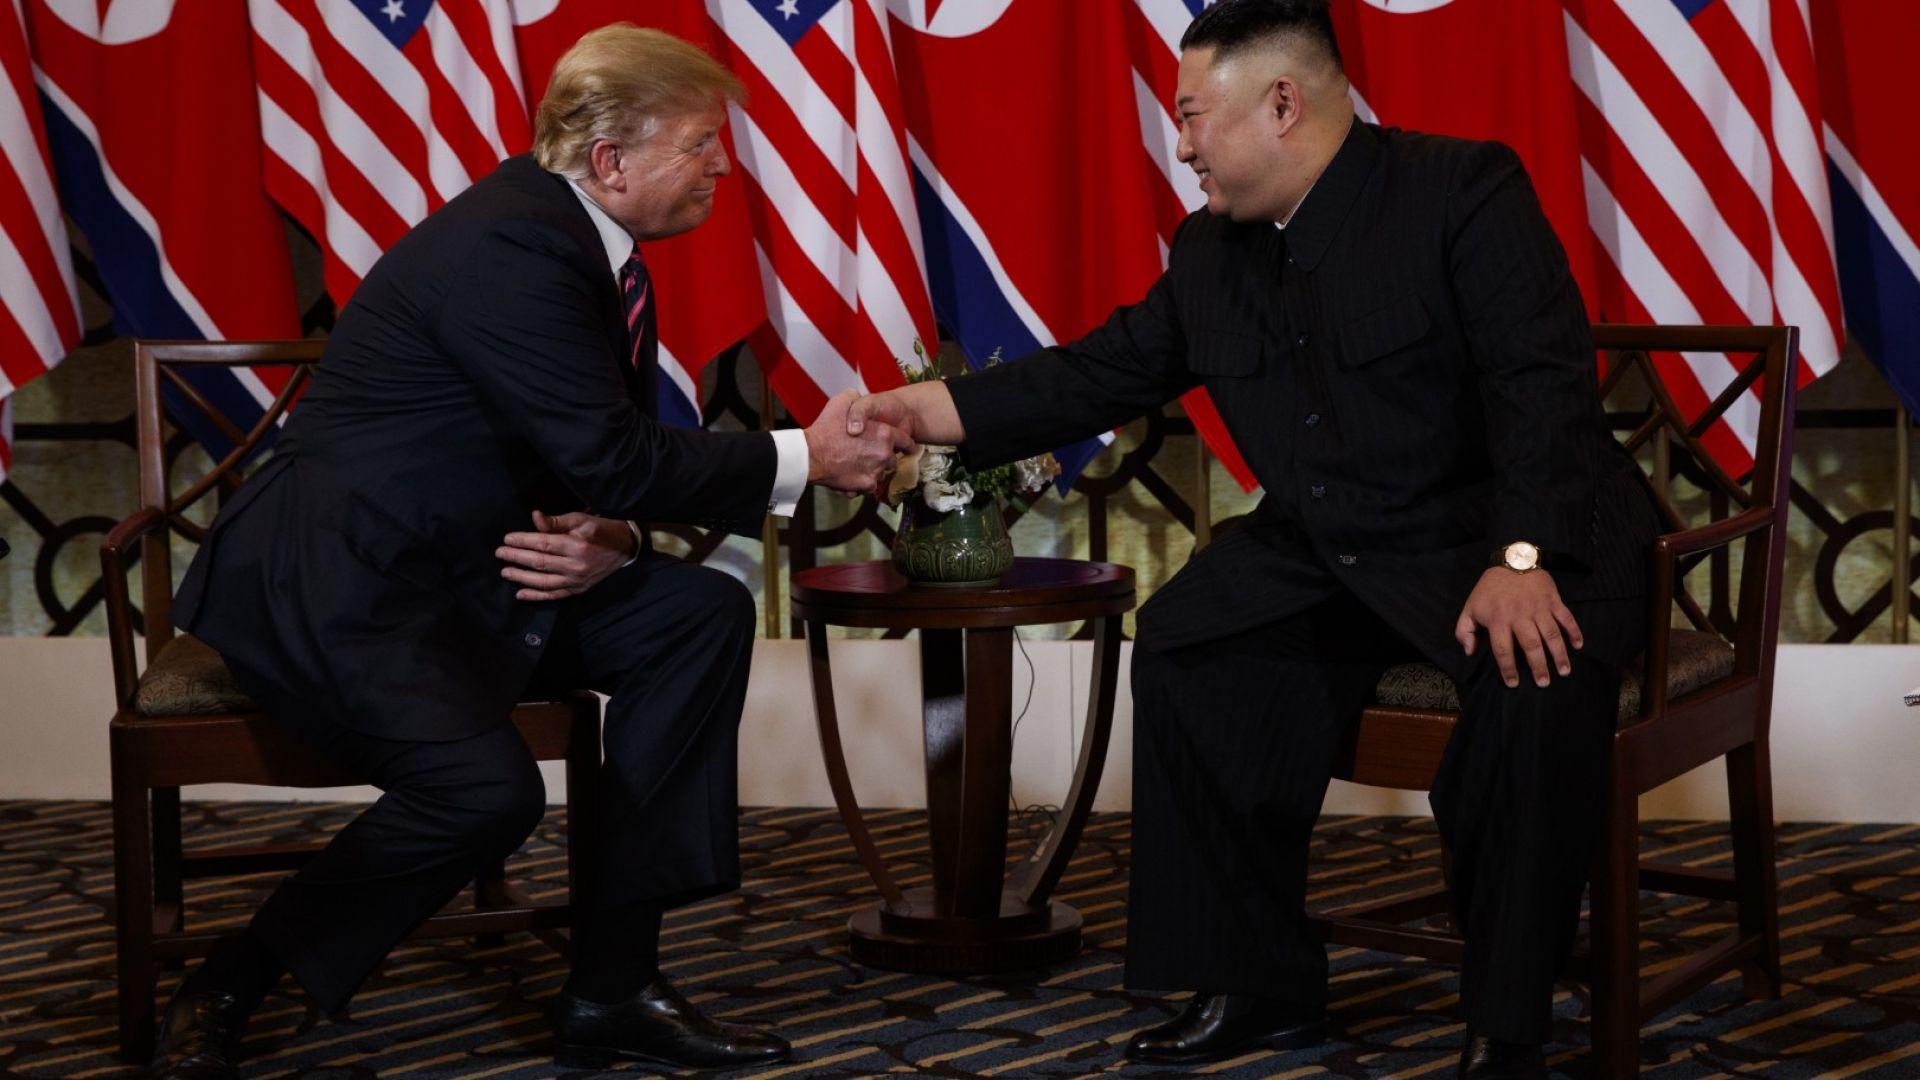 САЩ и Северна Корея подписват Ханойска декларация за денуклеаризация